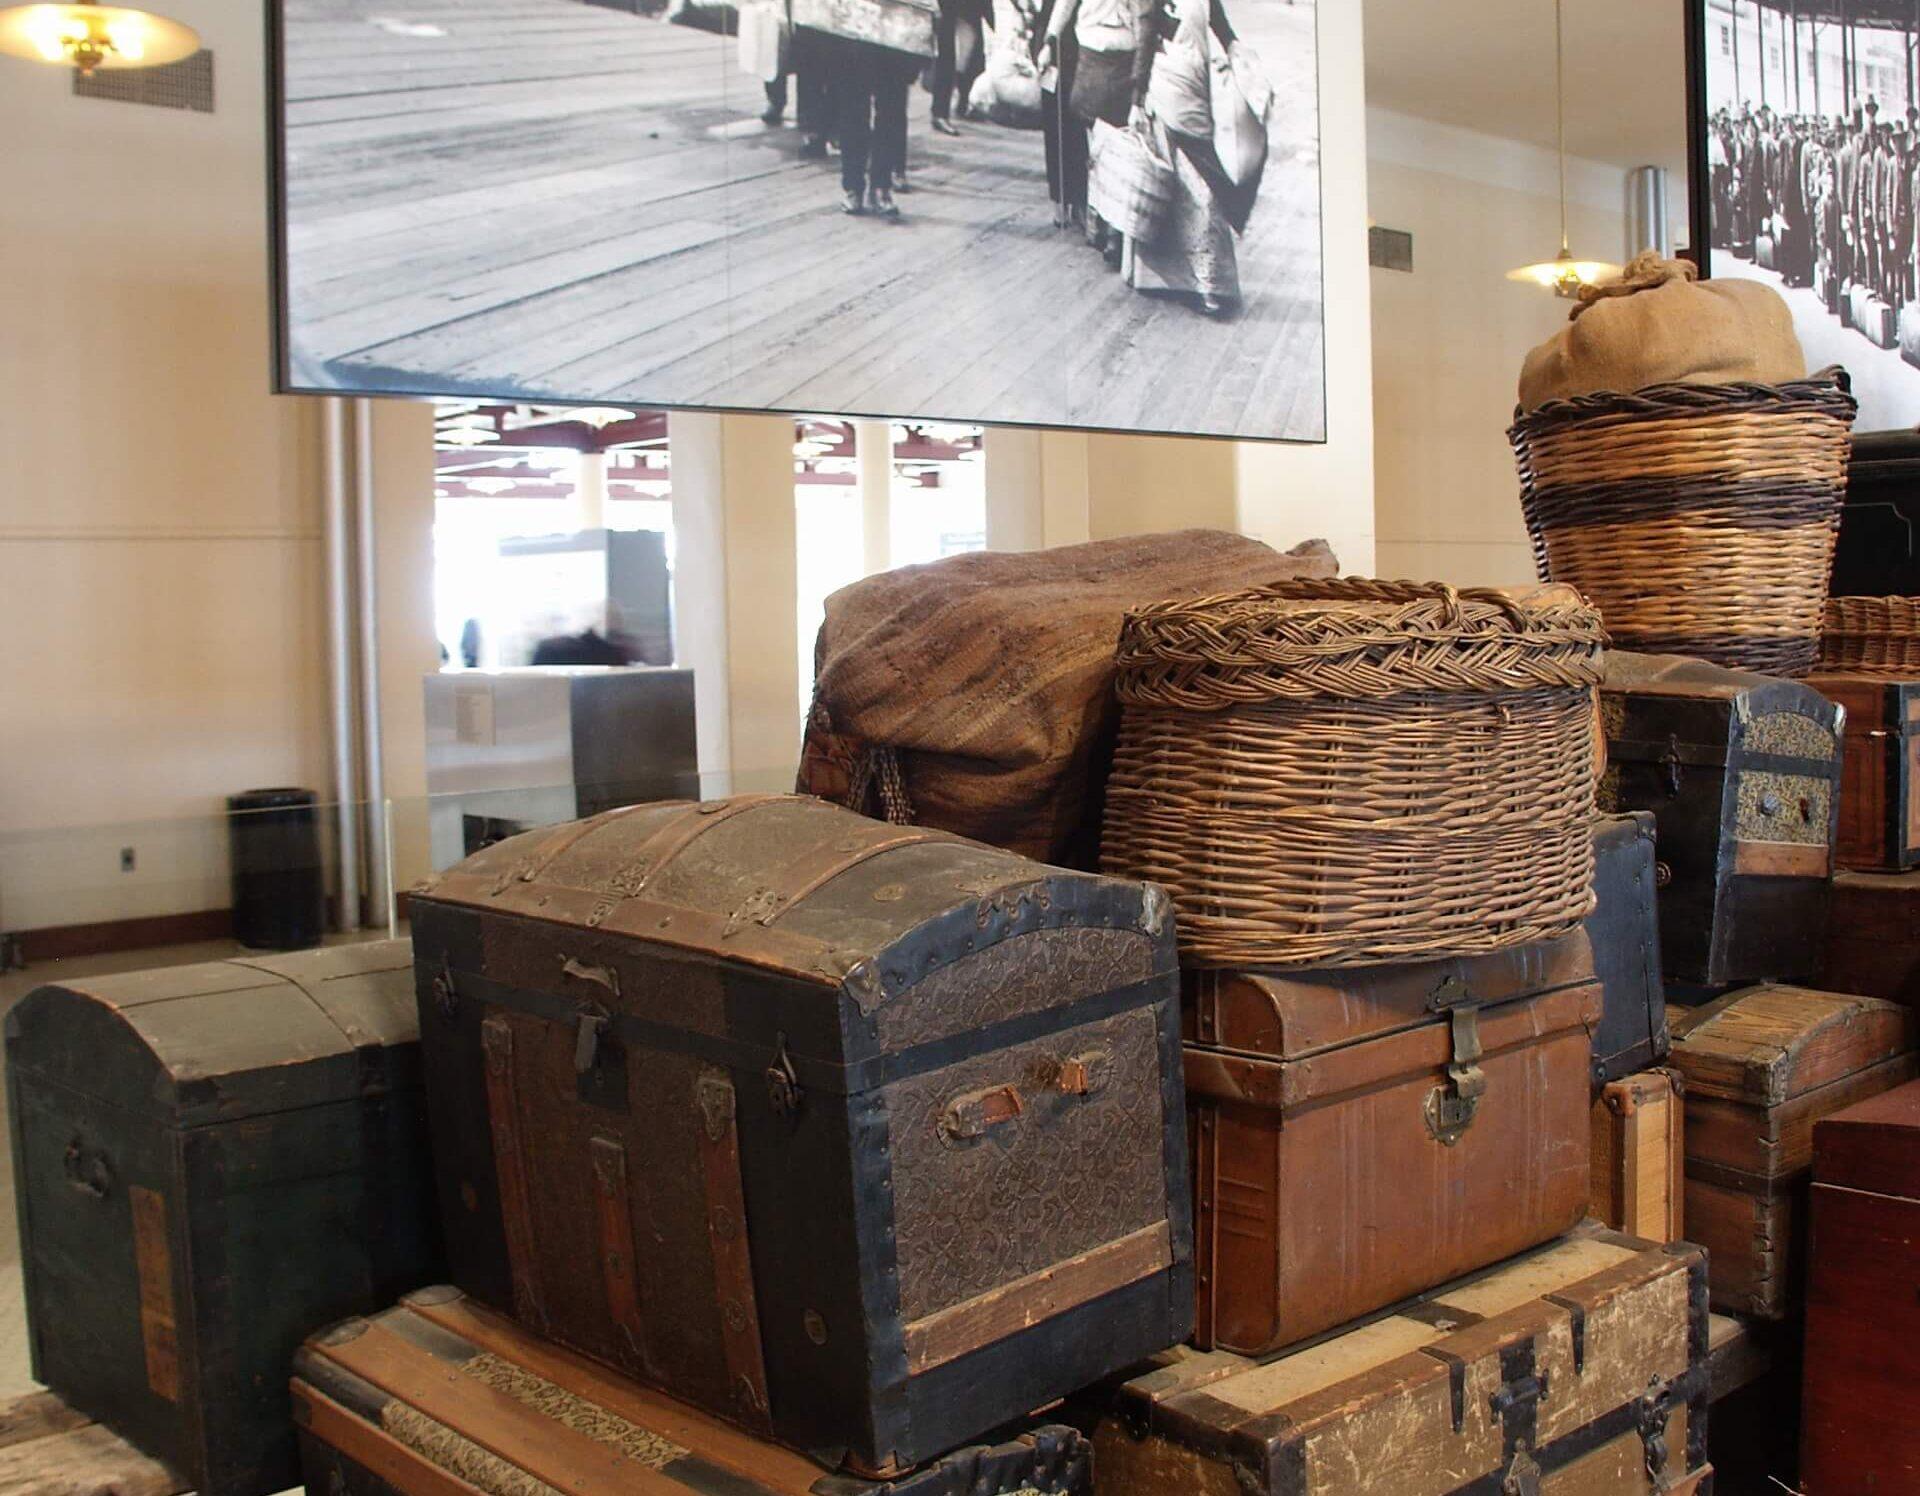 Ellis Baggage room